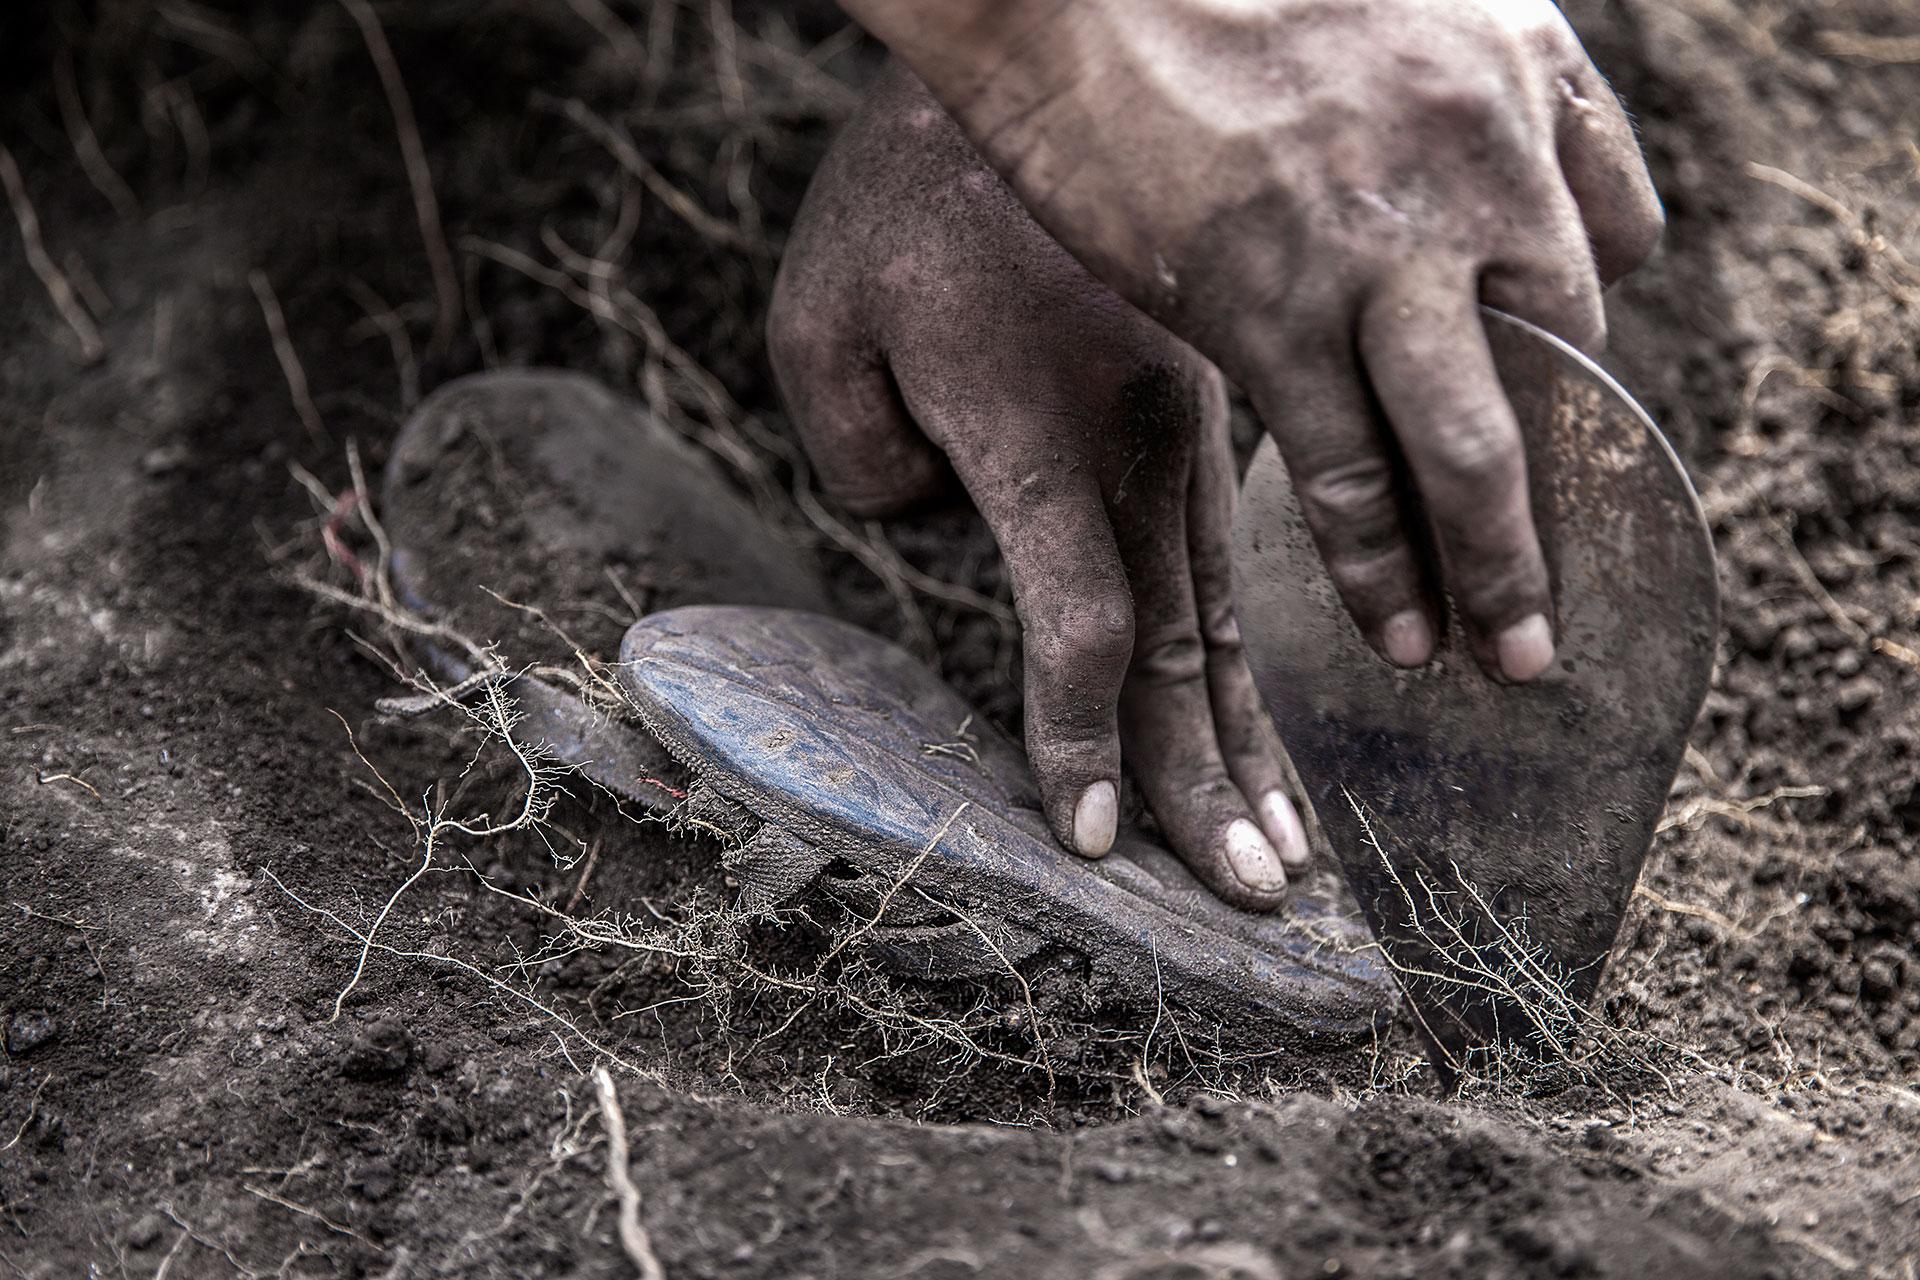 Se inician las exhumaciones en el área conocida como Suyrurupampa y lo primero que encuentran es el cuerpo de un niño.